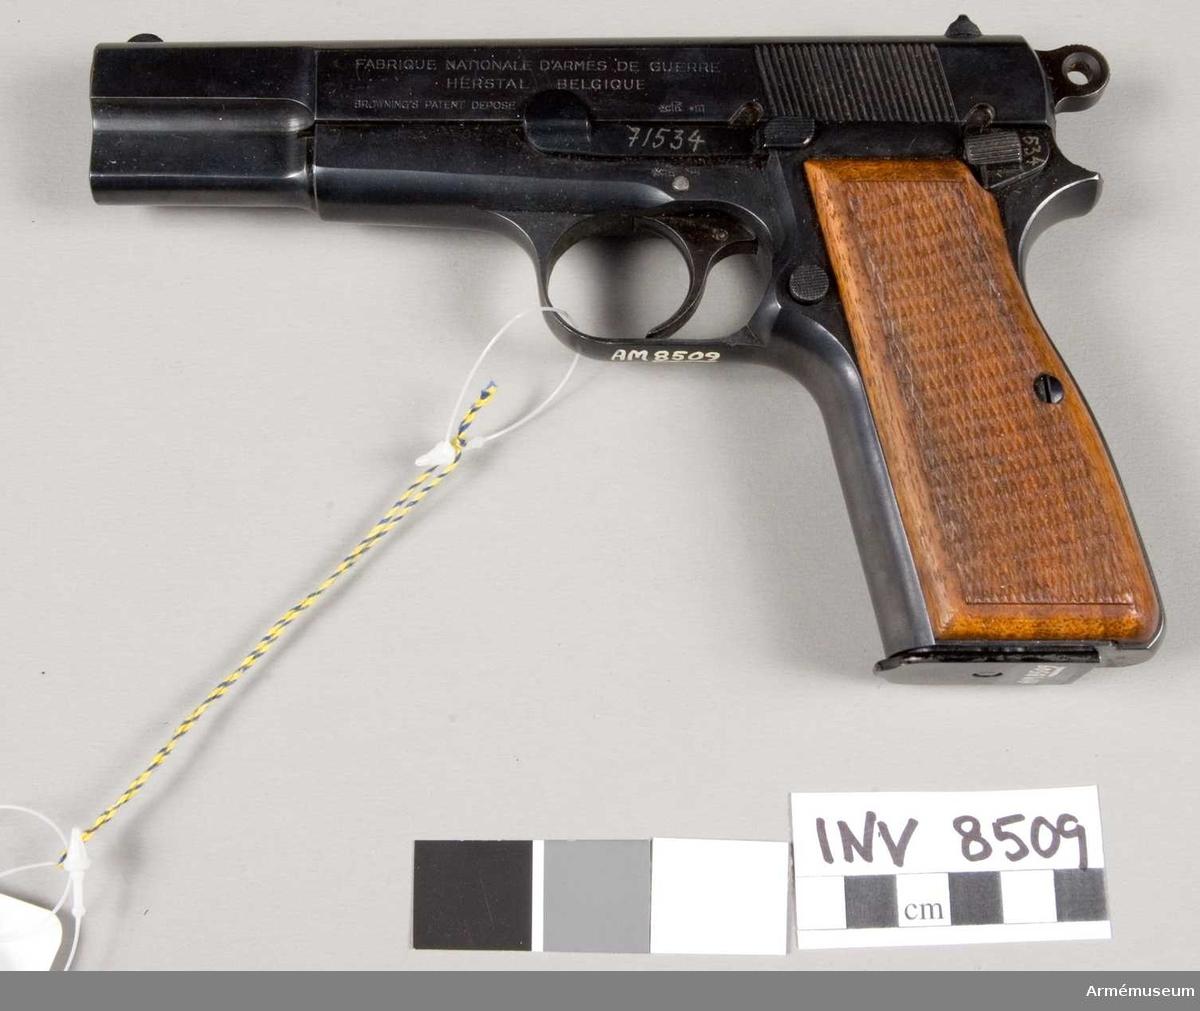 Tillverkningsnummer 71534. Tillverkare Fabrique Nationale D'armes de Guerre Herstal Belgique. Märkt ELG S P.V R (Browning's patent depose). Handgrepp av trä.Bestående av 1 st pistol, 2 st magasin, 1 st läskstång, 3 st patroner.